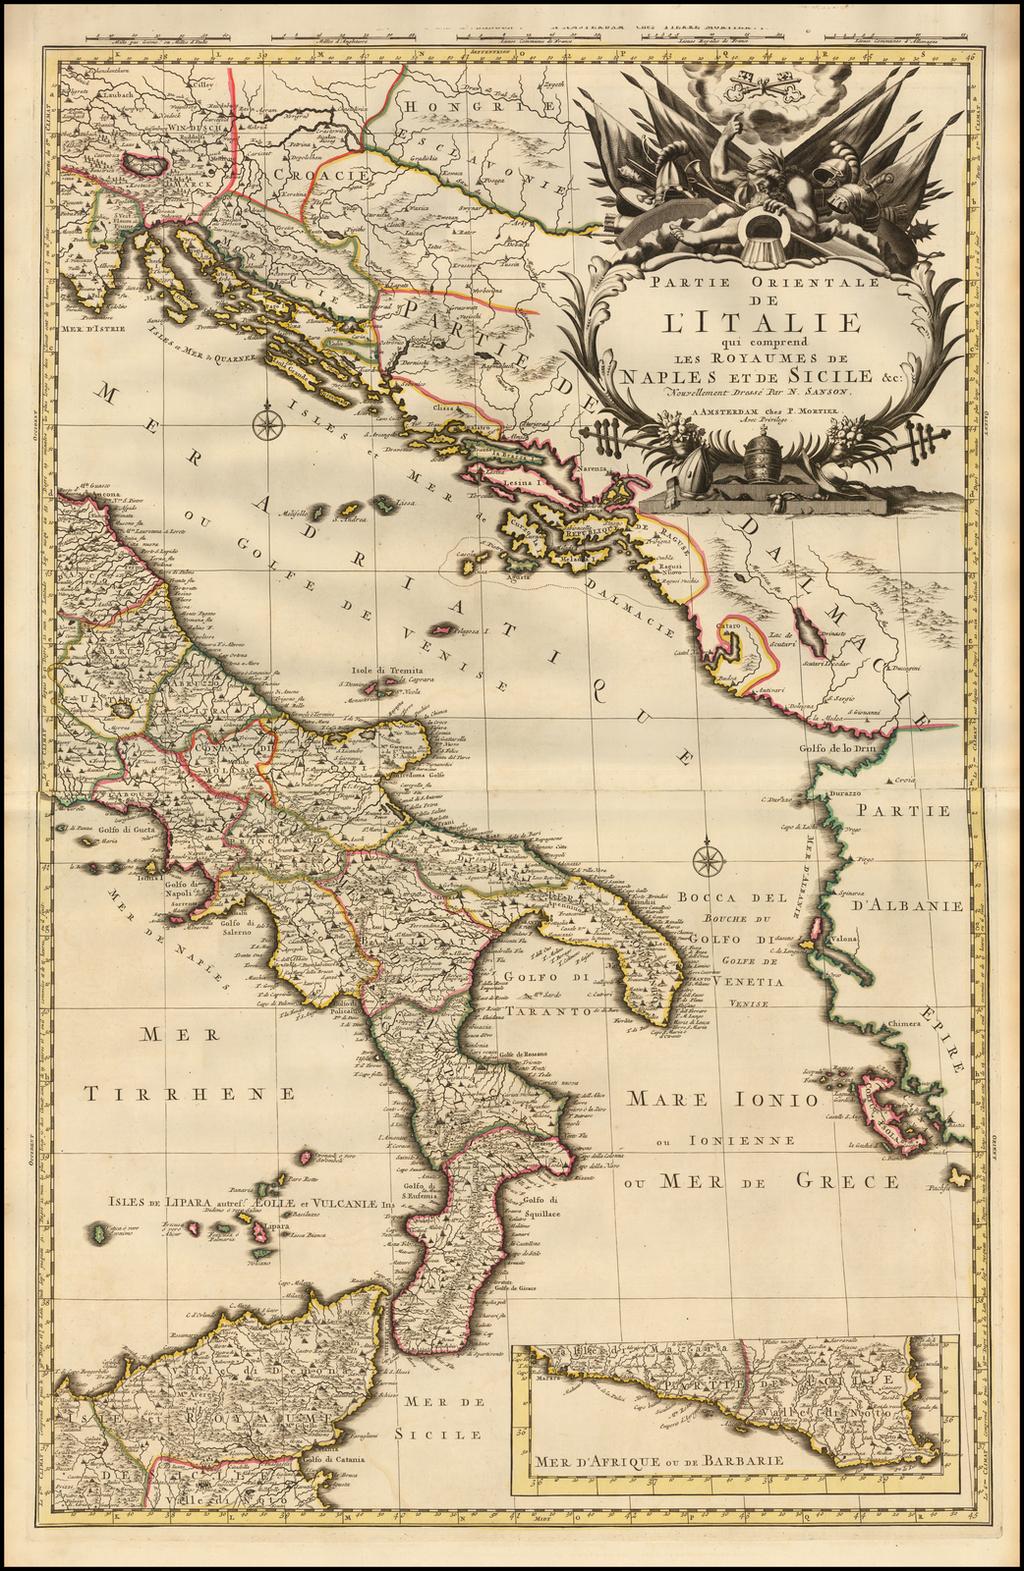 Partie Orientale de L'Italie qui comprend les Royaumes de Naples et de Sicile &c: Nouvellement Dresse Par N. Sanson. By Pieter Mortier